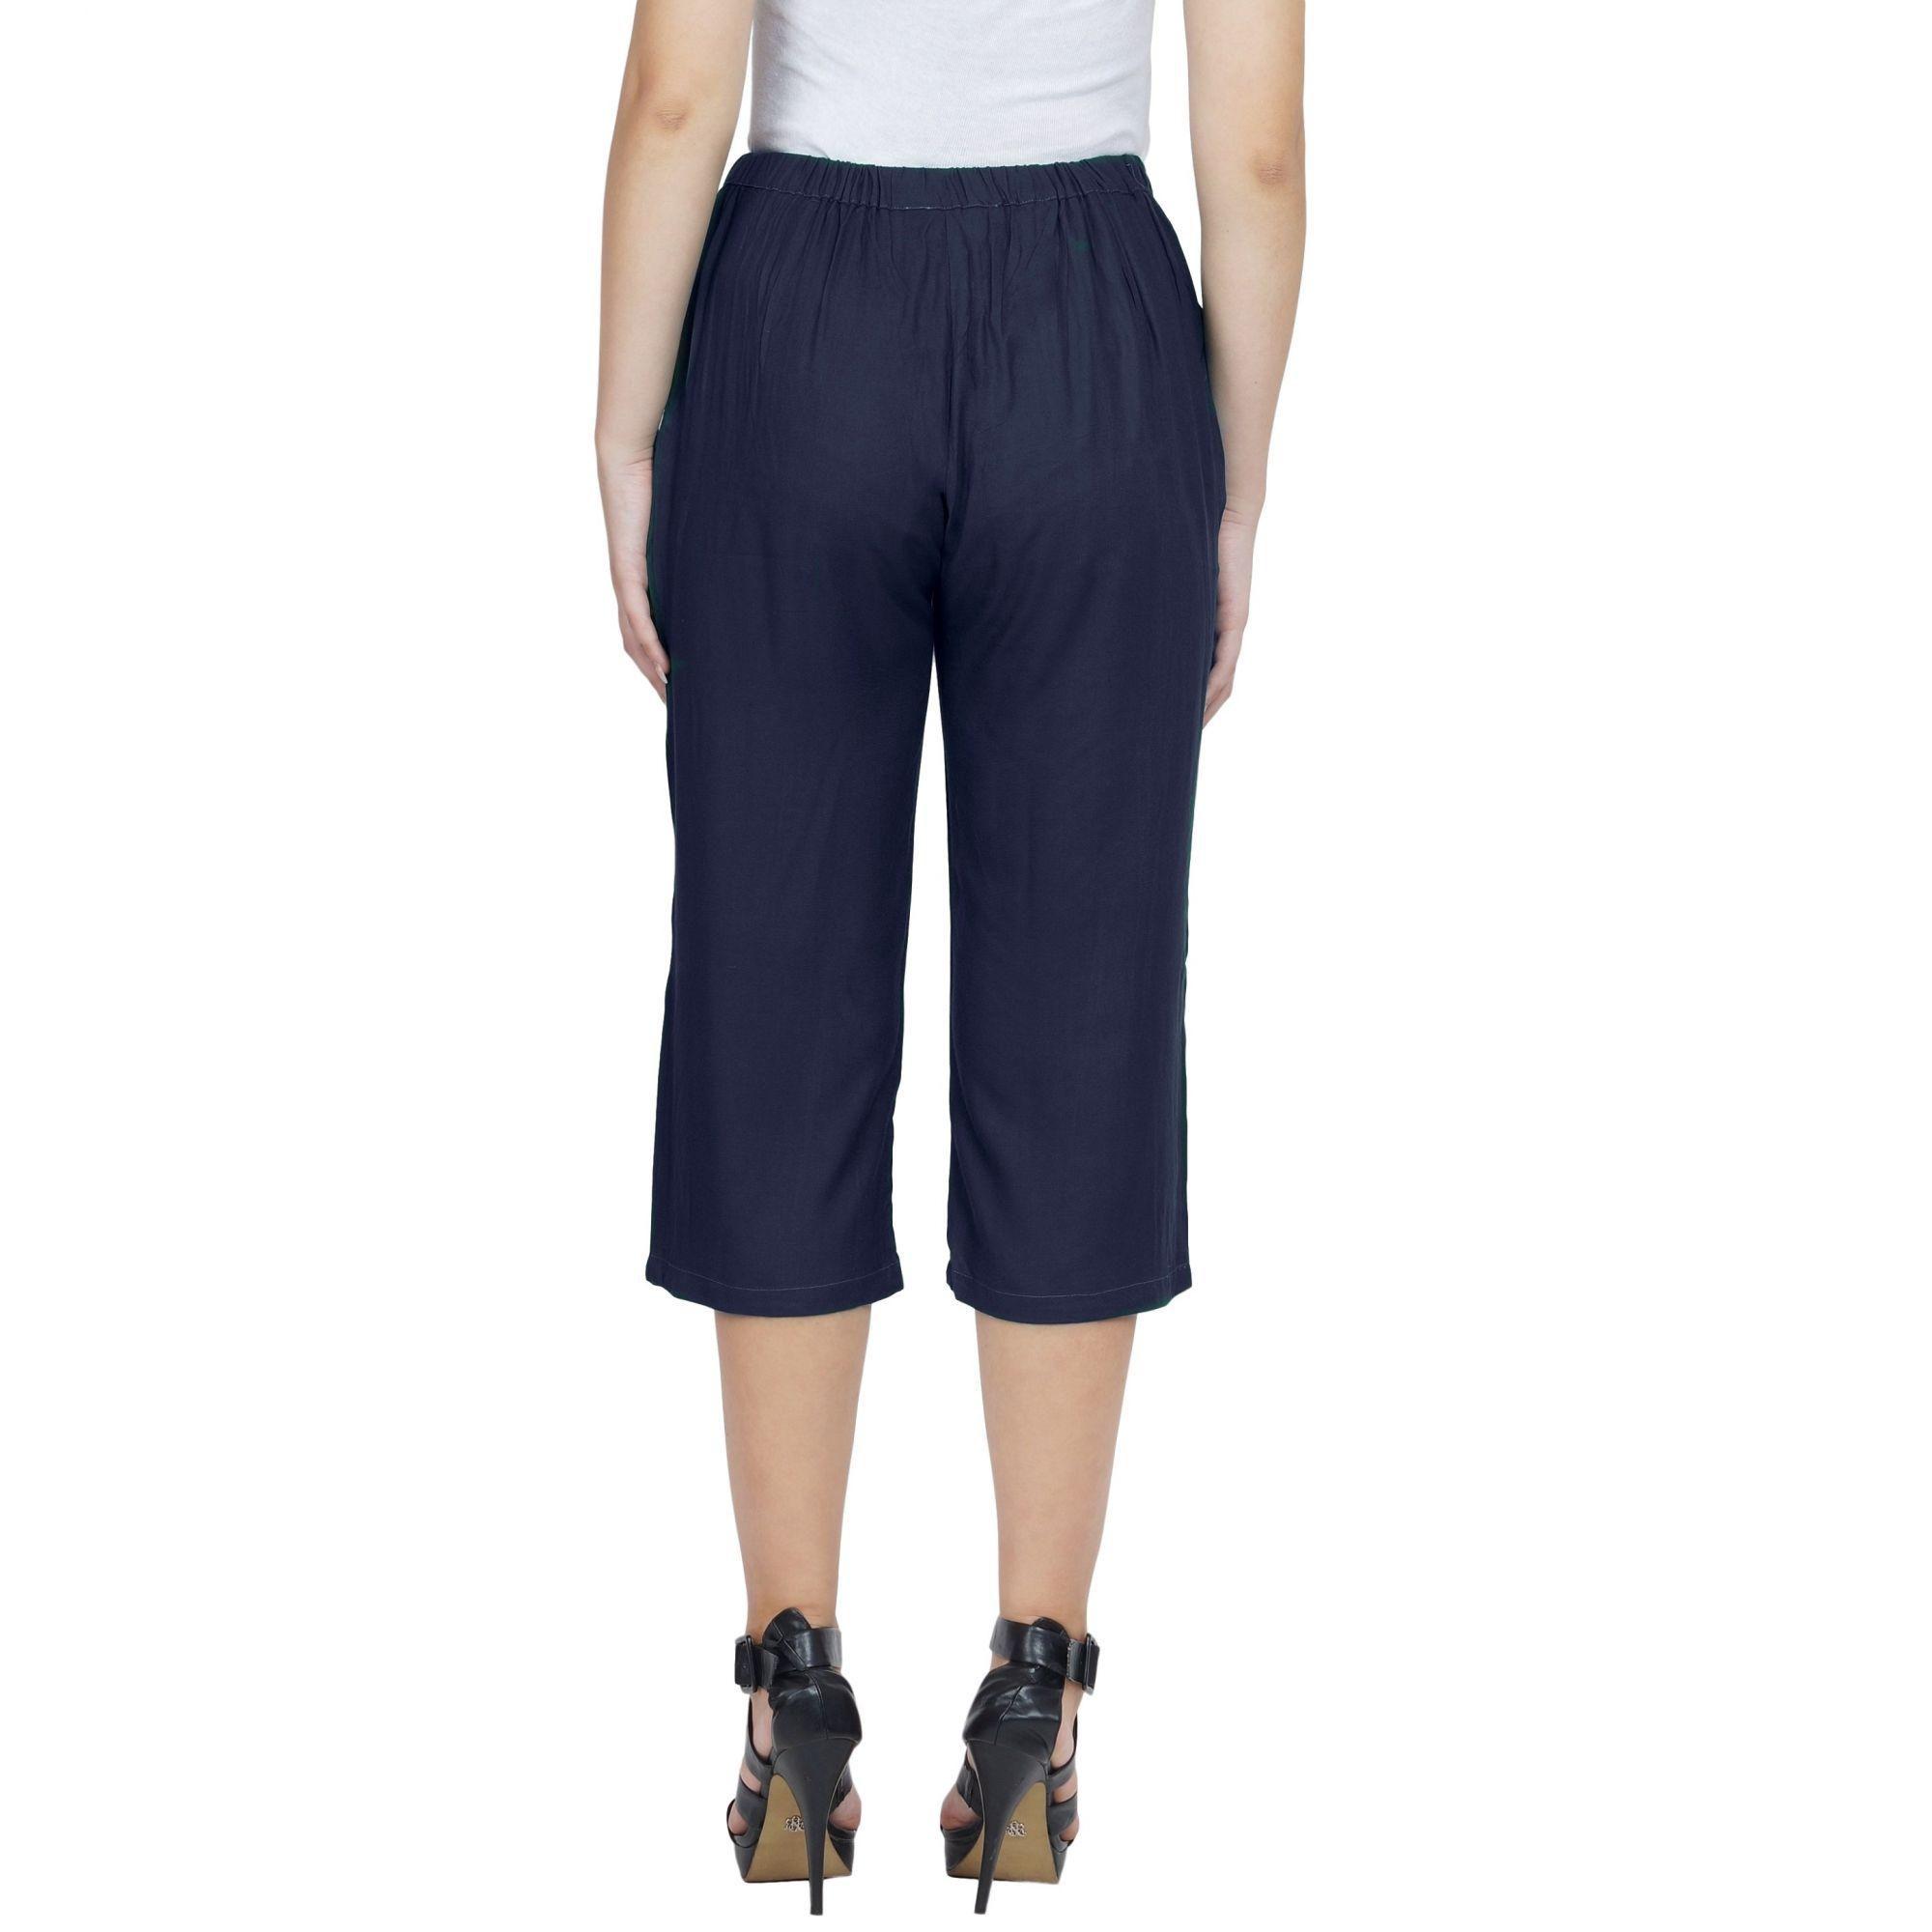 Slim Fit Capri Pant  in Dark Blue